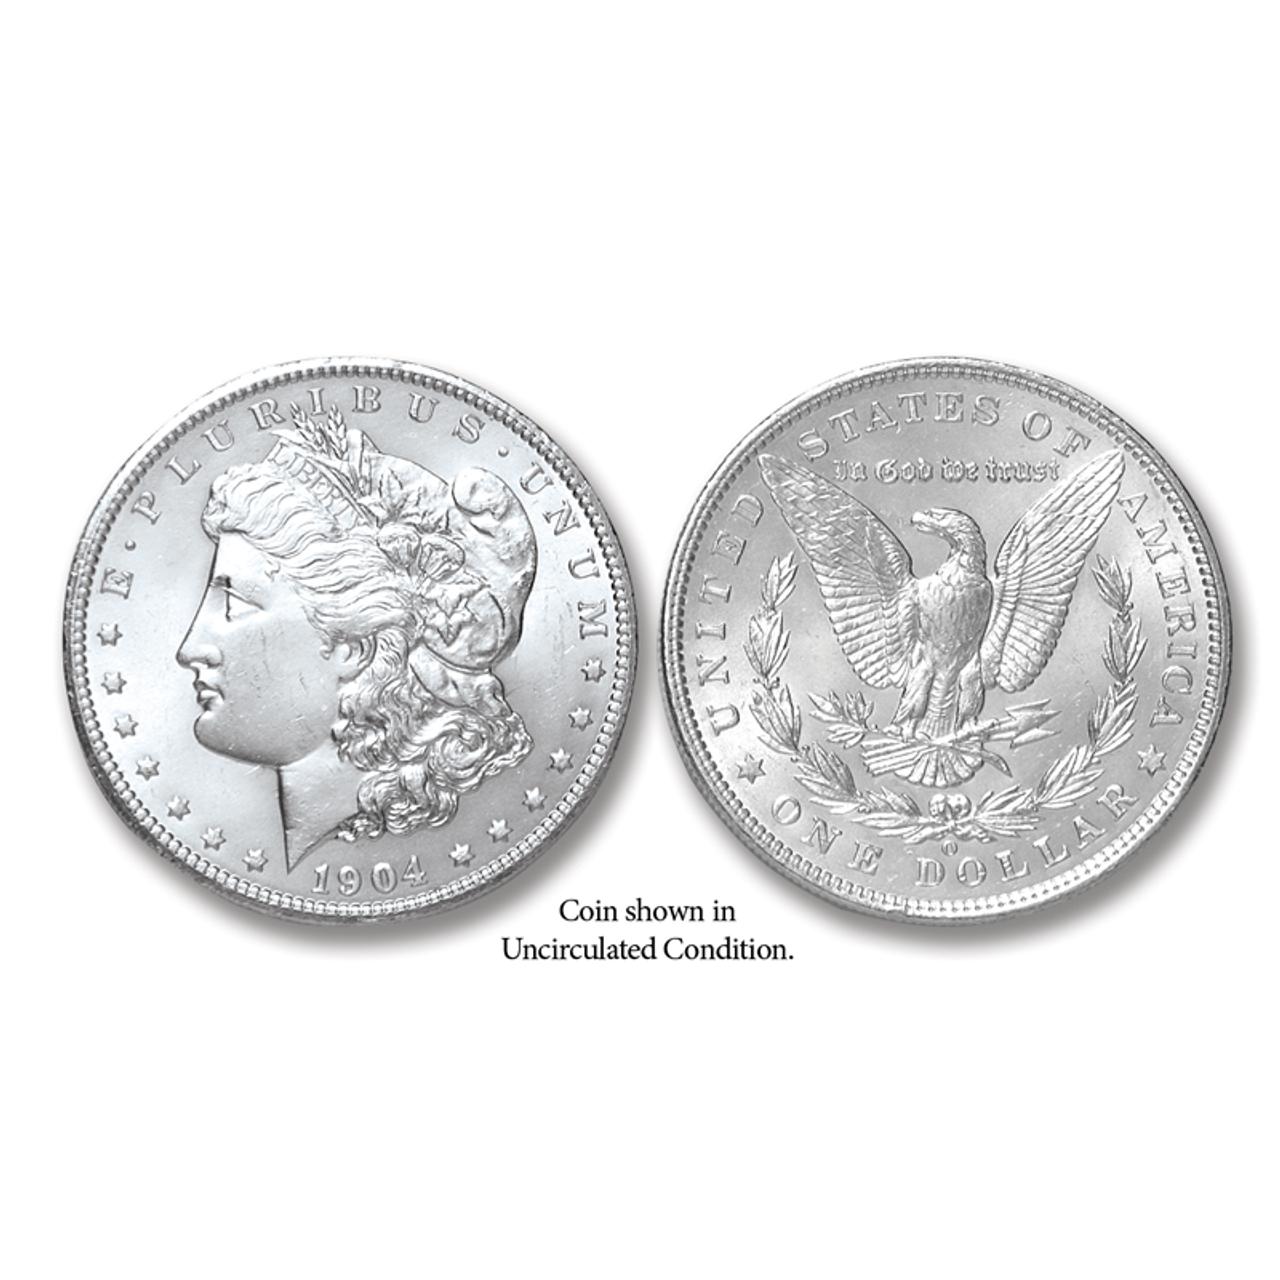 1904-O Morgan Silver Dollar - Collector's Circulated Condition